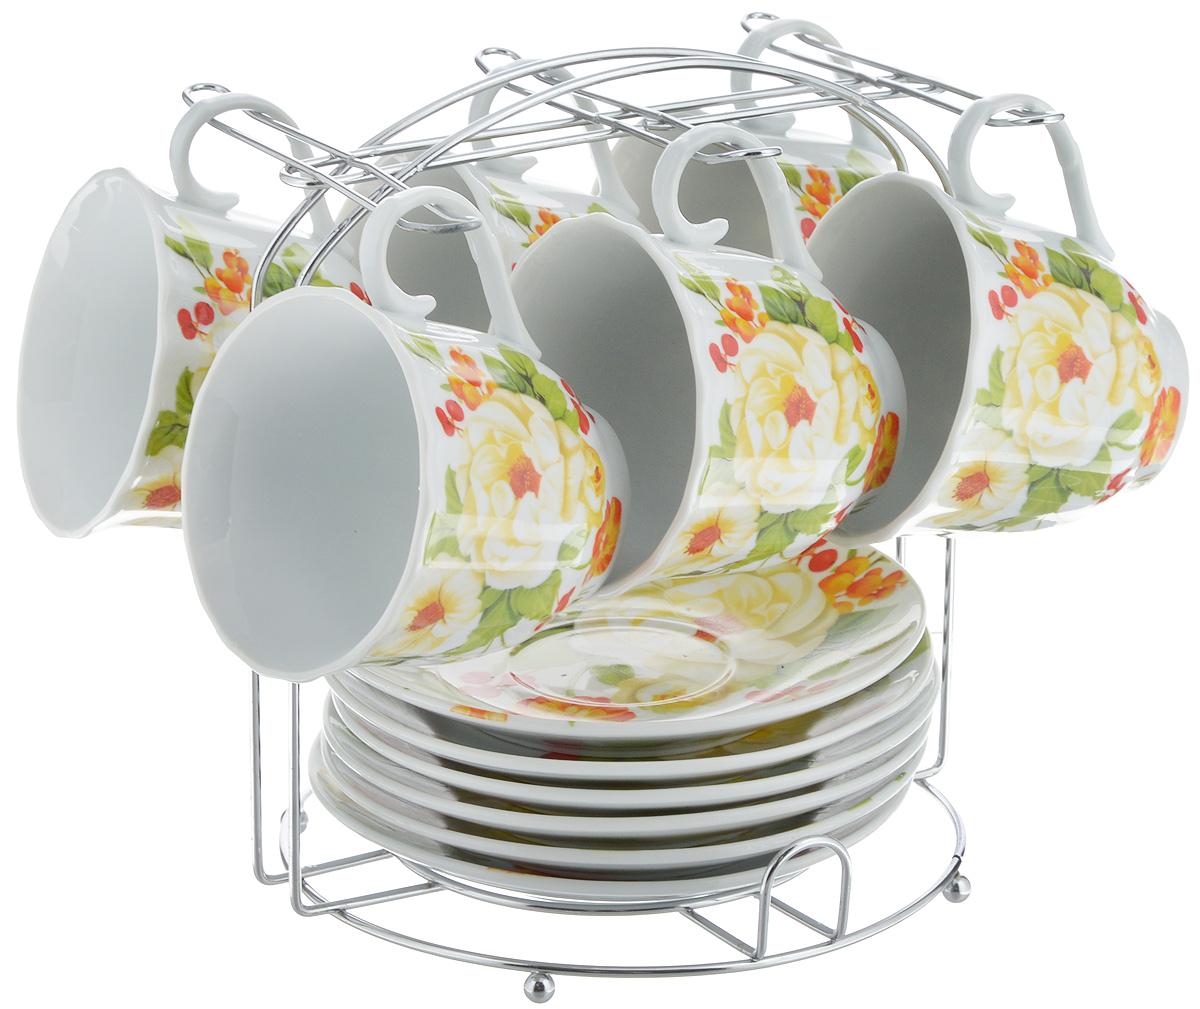 Набор чайный Bella, 13 предметов. DL-F6MS-178VT-1520(SR)Набор Bella состоит из 6 чашек и 6 блюдец, изготовленных из высококачественного фарфора. Чашки оформлены красочным рисунком. Изделия расположены на металлической подставке. Такой набор подходит для подачи чая или кофе.Изящный дизайн придется по вкусу и ценителям классики, и тем, кто предпочитает современный стиль. Он настроит на позитивный лад и подарит хорошее настроение с самого утра. Чайный набор Bella - идеальный и необходимый подарок для вашего дома и для ваших друзей в праздники.Объем чашки: 220 мл. Диаметр чашки (по верхнему краю): 8 см. Высота чашки: 7 см. Диаметр блюдца: 14 см. Высота блюдца: 2,3 см.Размер подставки: 17 х 16,5 х 19 см.